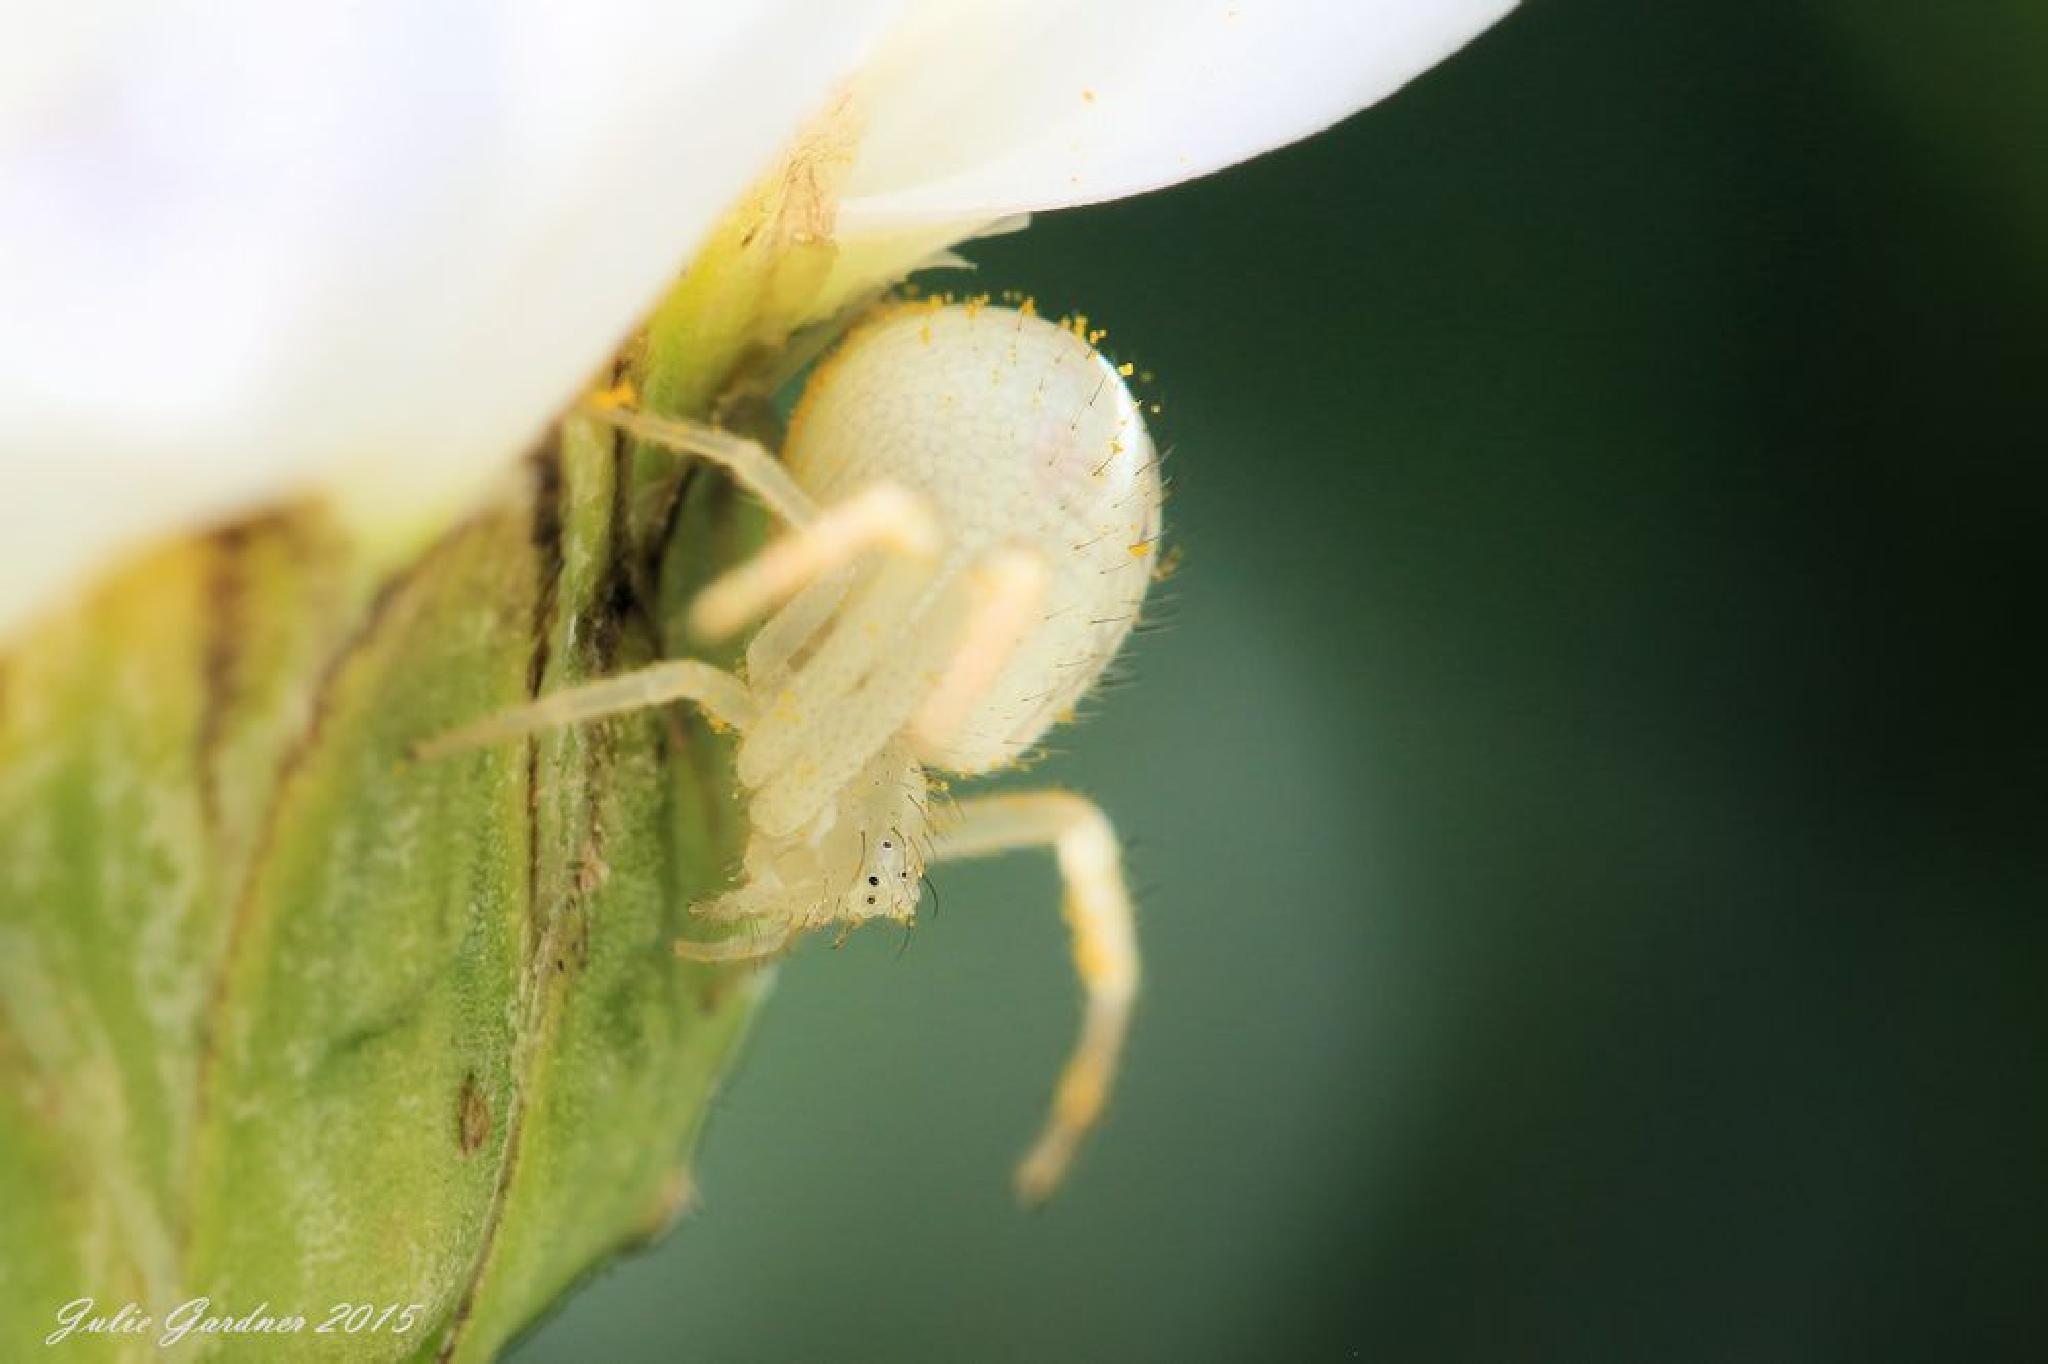 Hiding Crab Spider by Julie Gardner